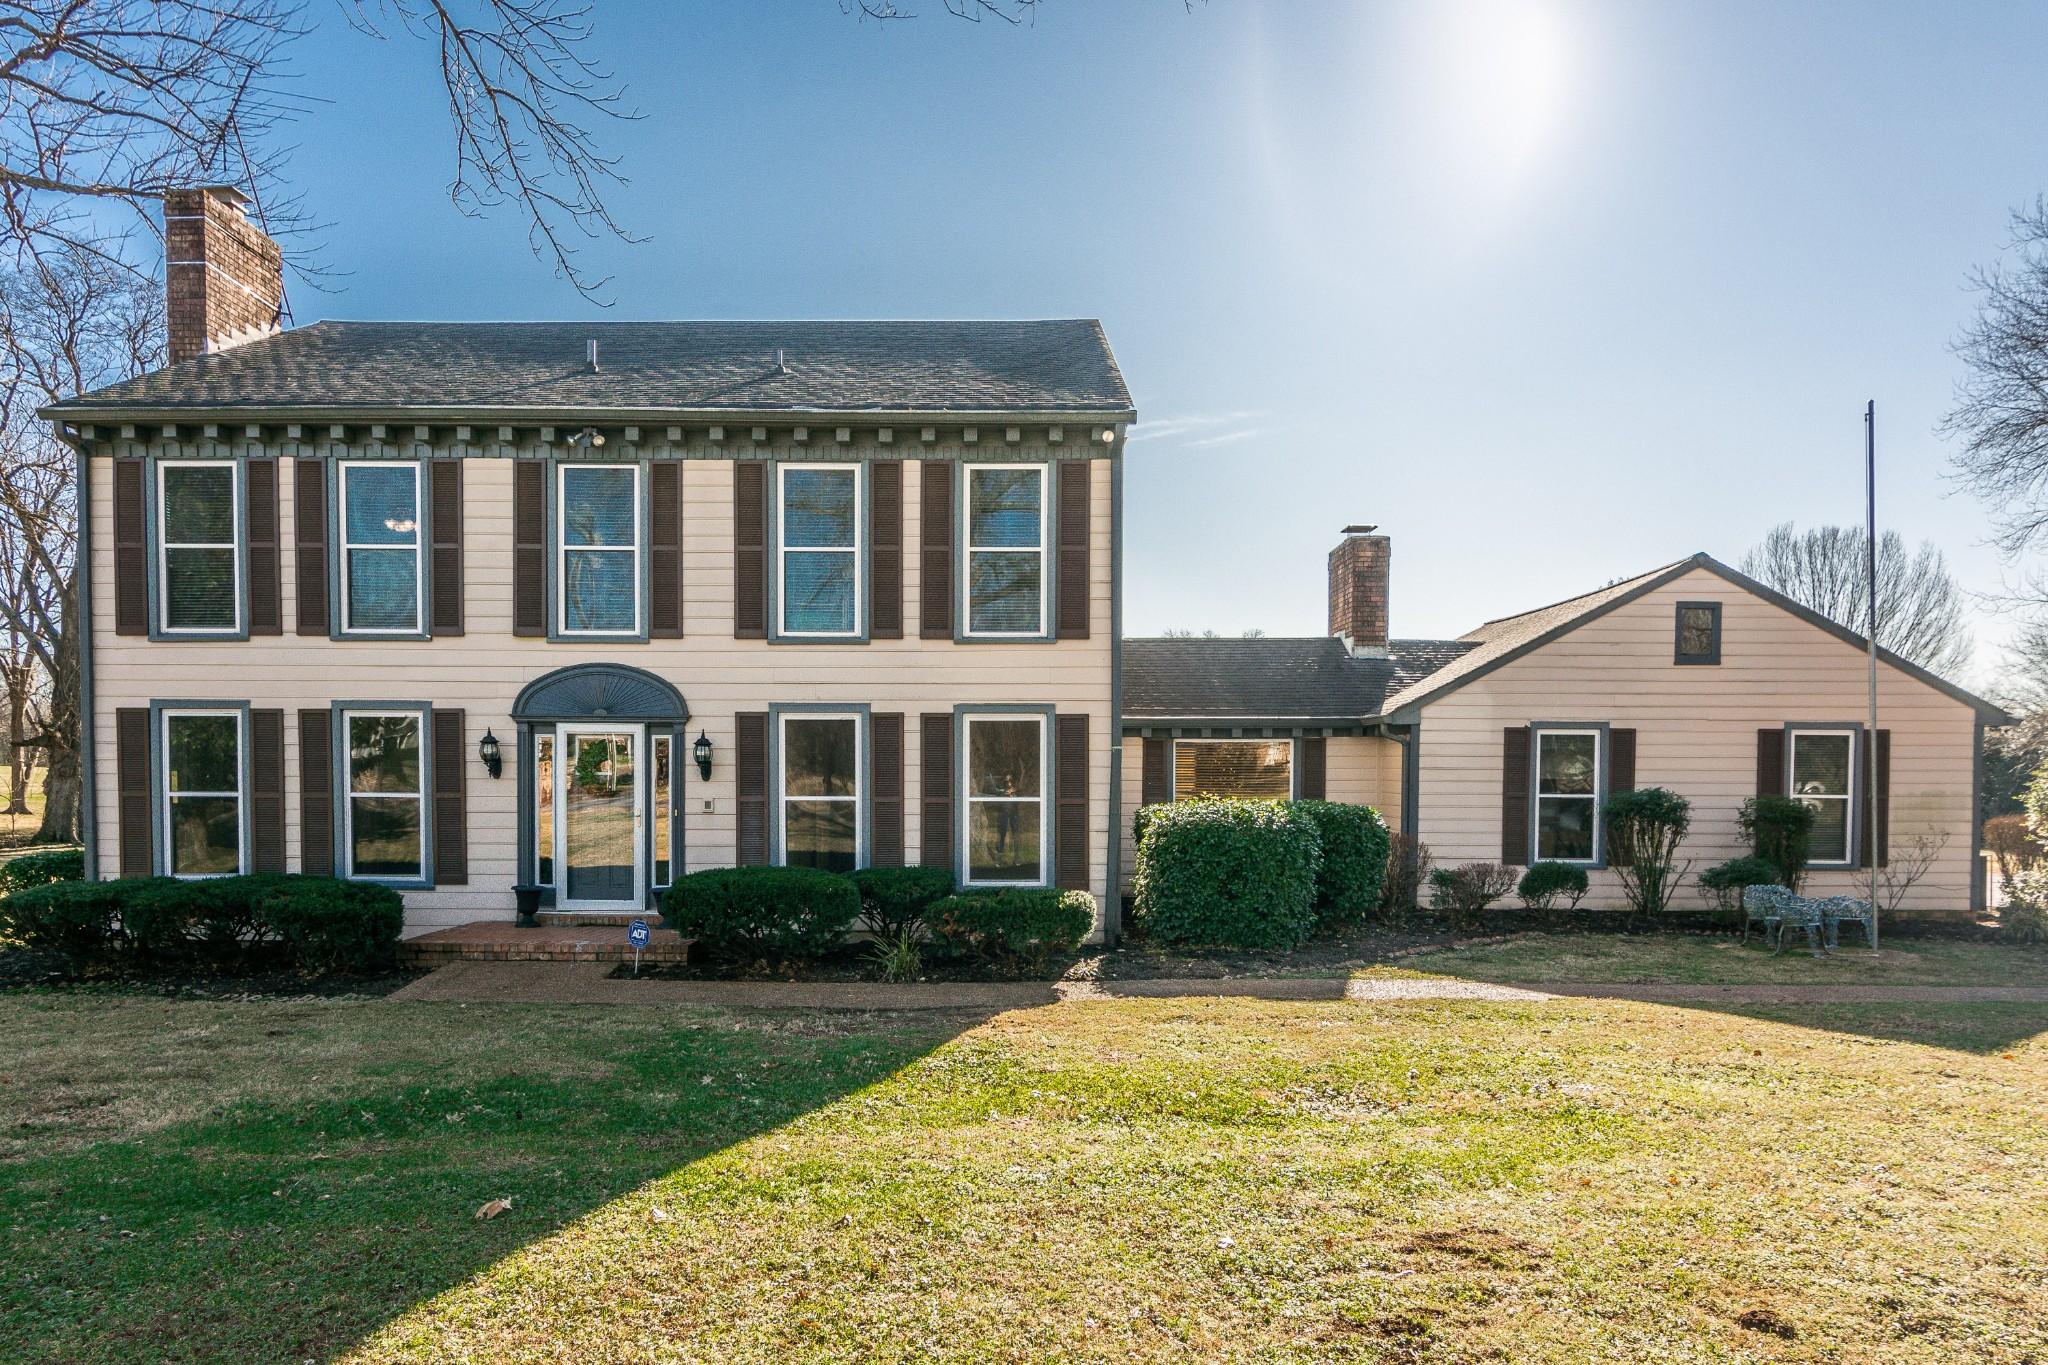 213 Spring Valley Rd, Hendersonville, TN 37075 - Hendersonville, TN real estate listing